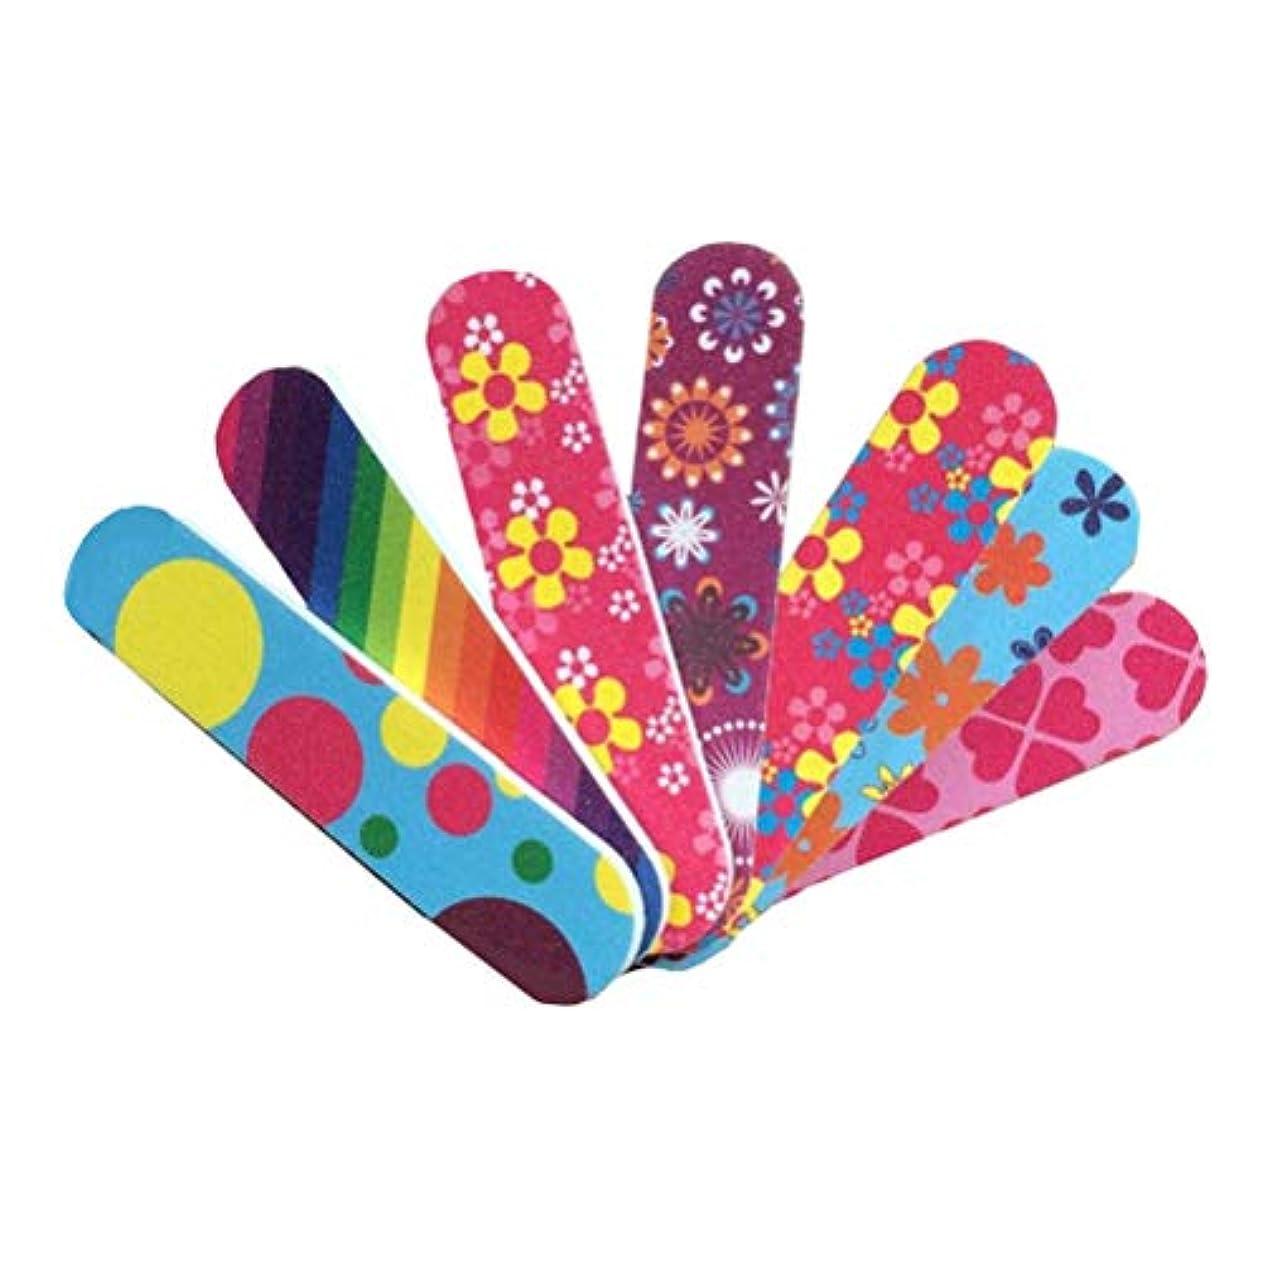 存在ヘロインかごFrcolor 爪やすり ミニ 爪磨き 両面タイプ ネイルシャイナー お手入れ ネイルケア マニキュア ネイルファイル 50本セット(ランダム色)